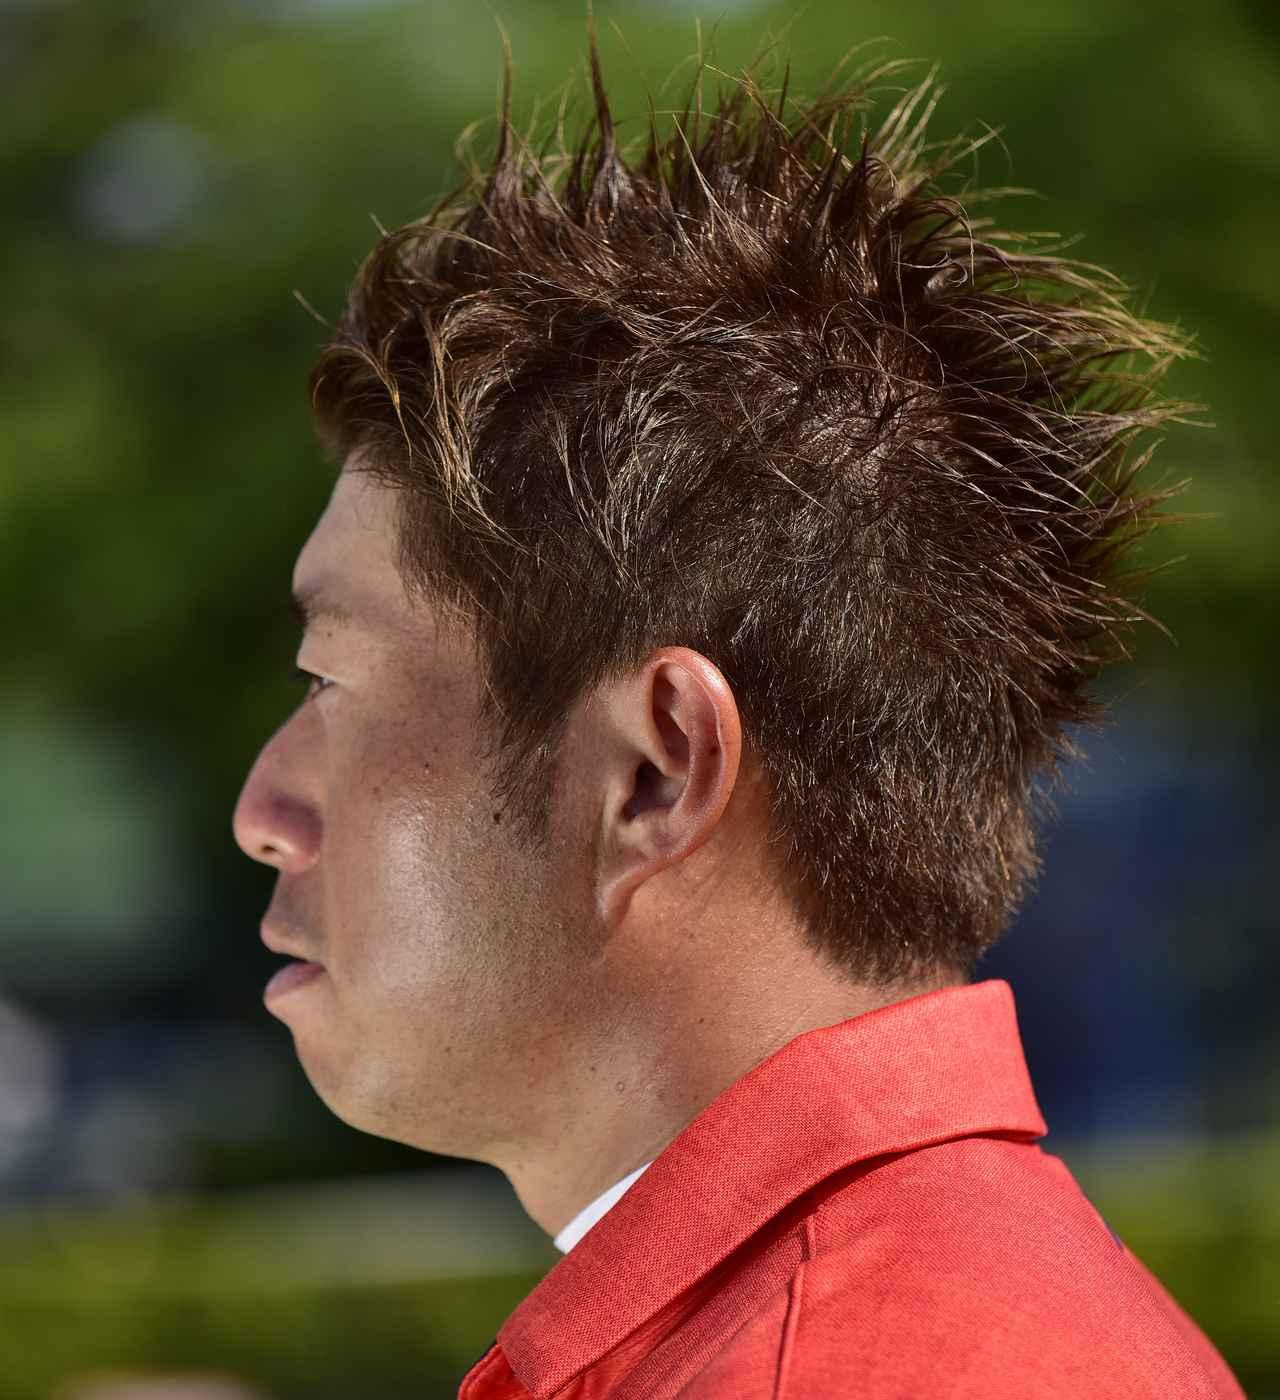 画像: 「おっ、ミチオ髪切った?」松村道央の散髪事情 - みんなのゴルフダイジェスト